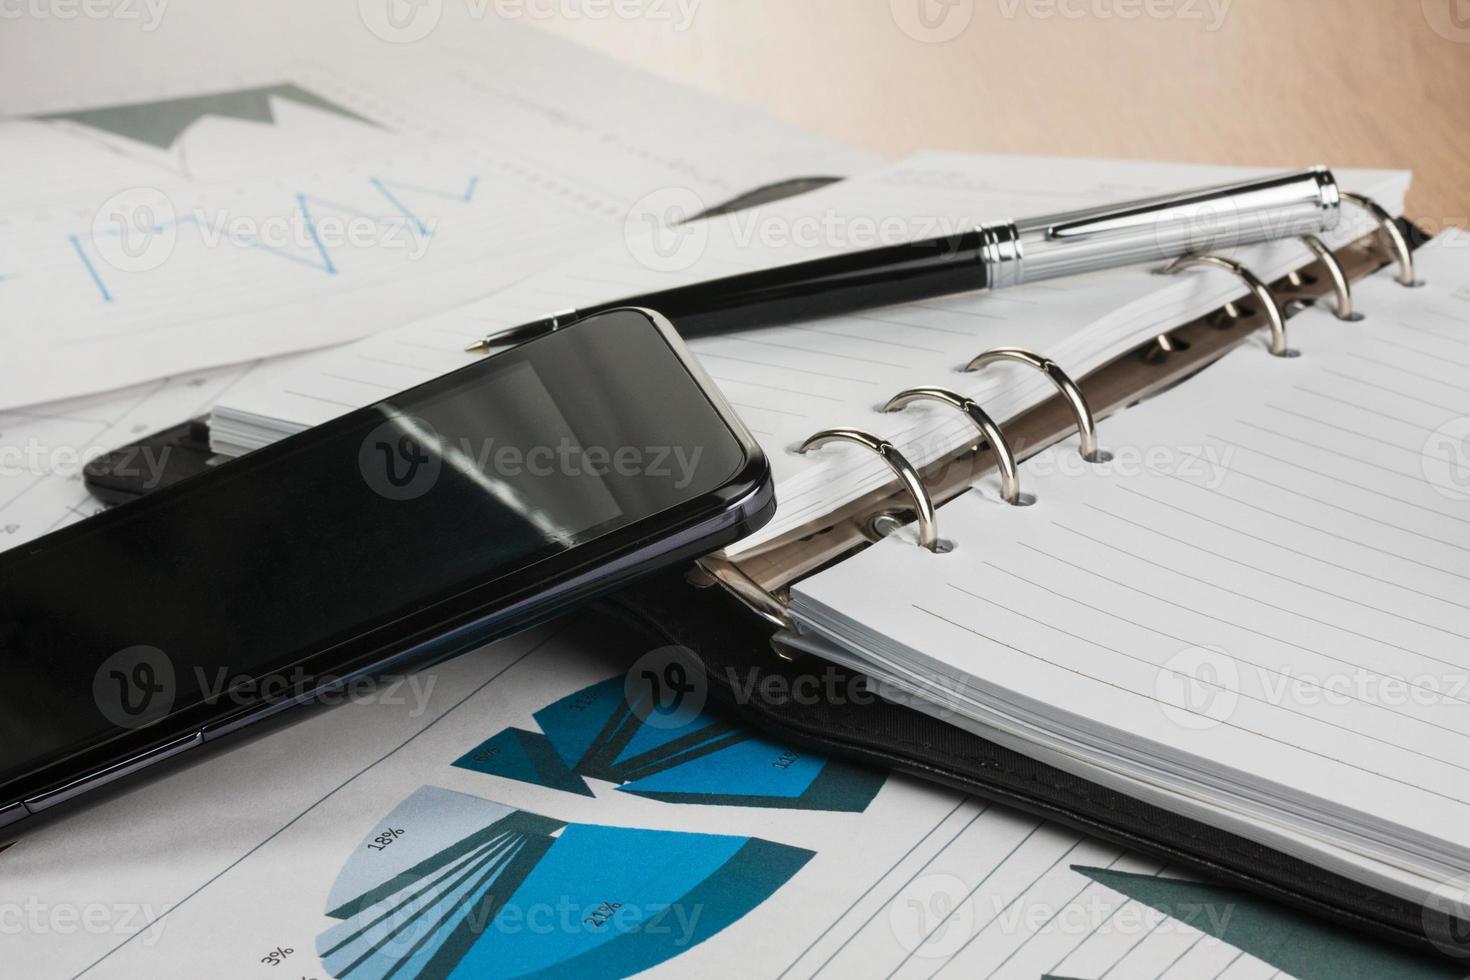 homme d'affaires de bureau, téléphone, stylo, carnet de notes photo